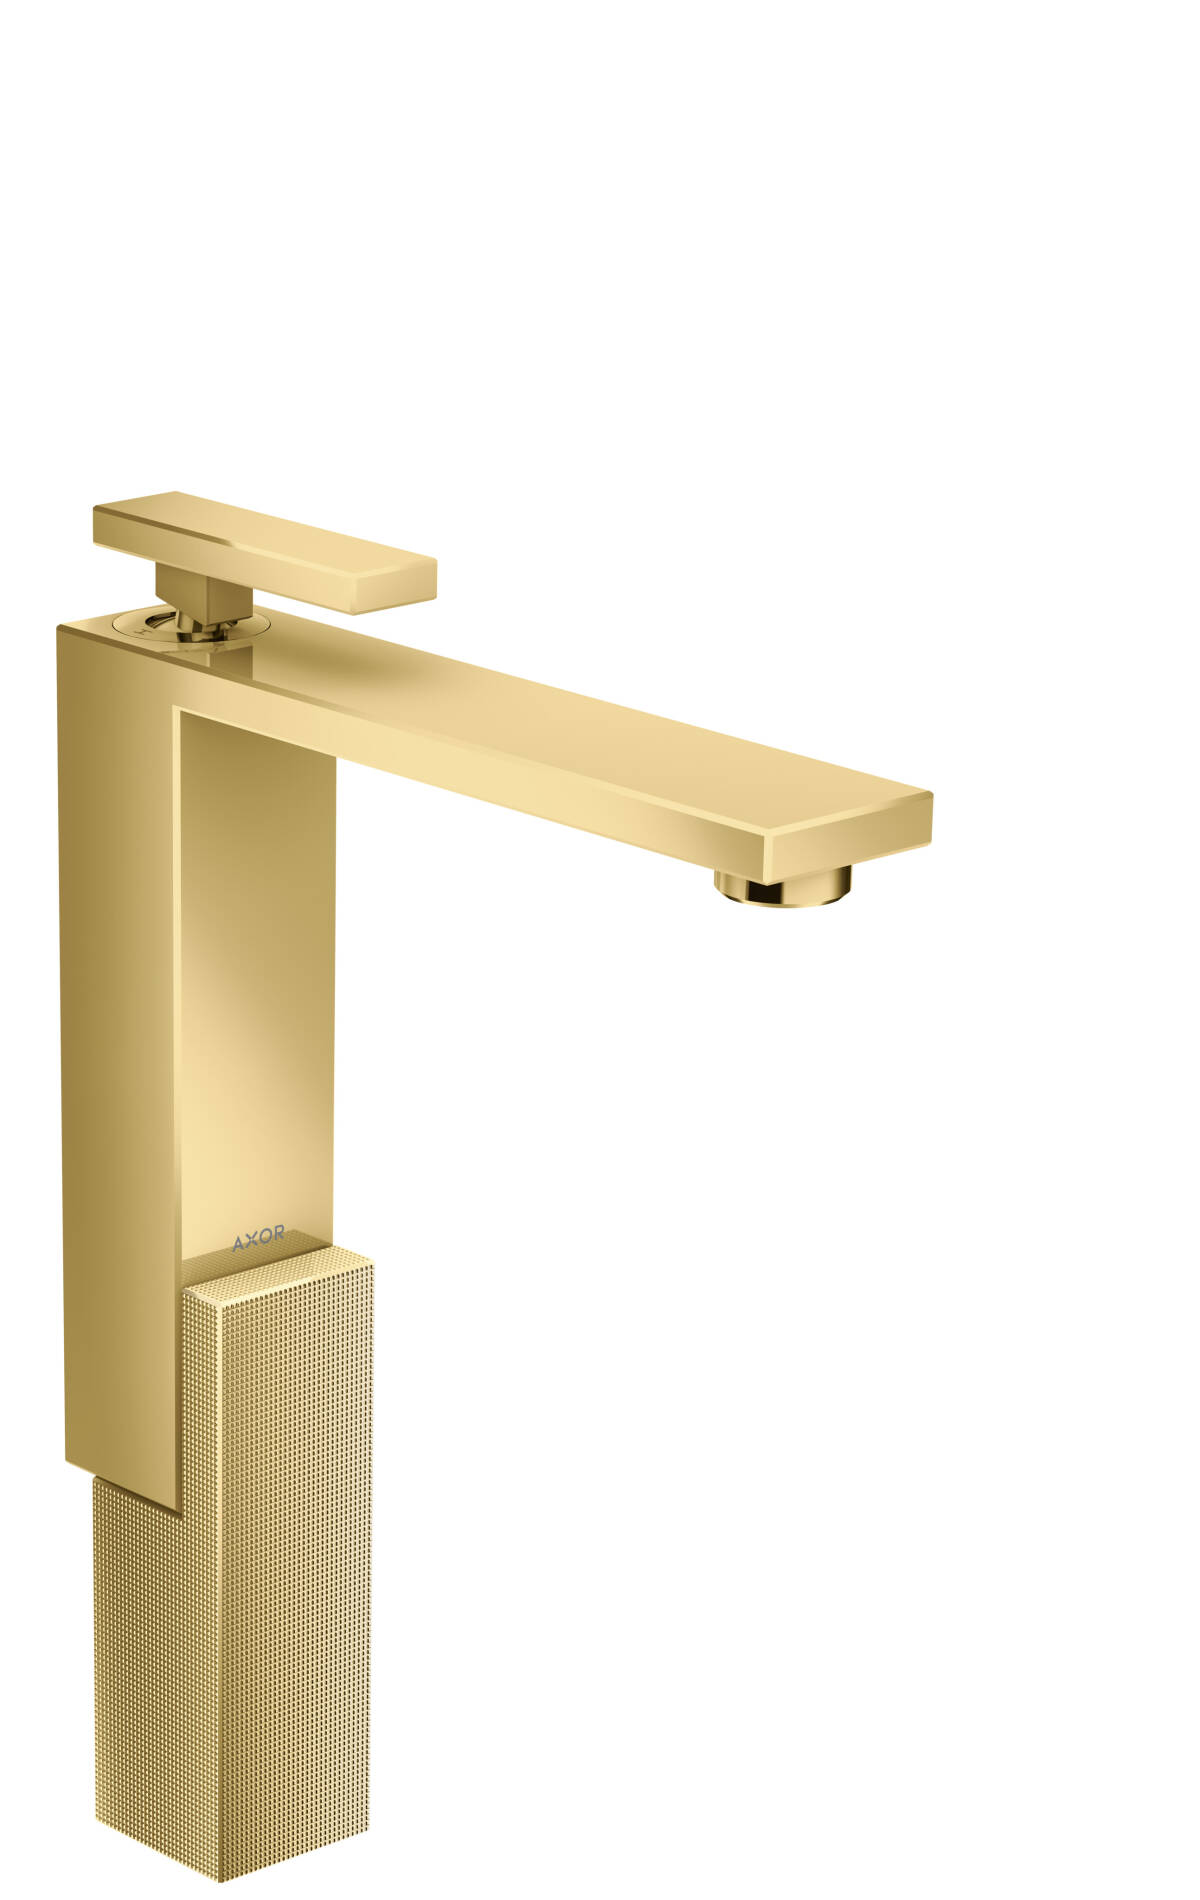 Mezclador monomando de lavabo 280 con vaciador push-open - corte de diamante, color oro pulido, 46031990